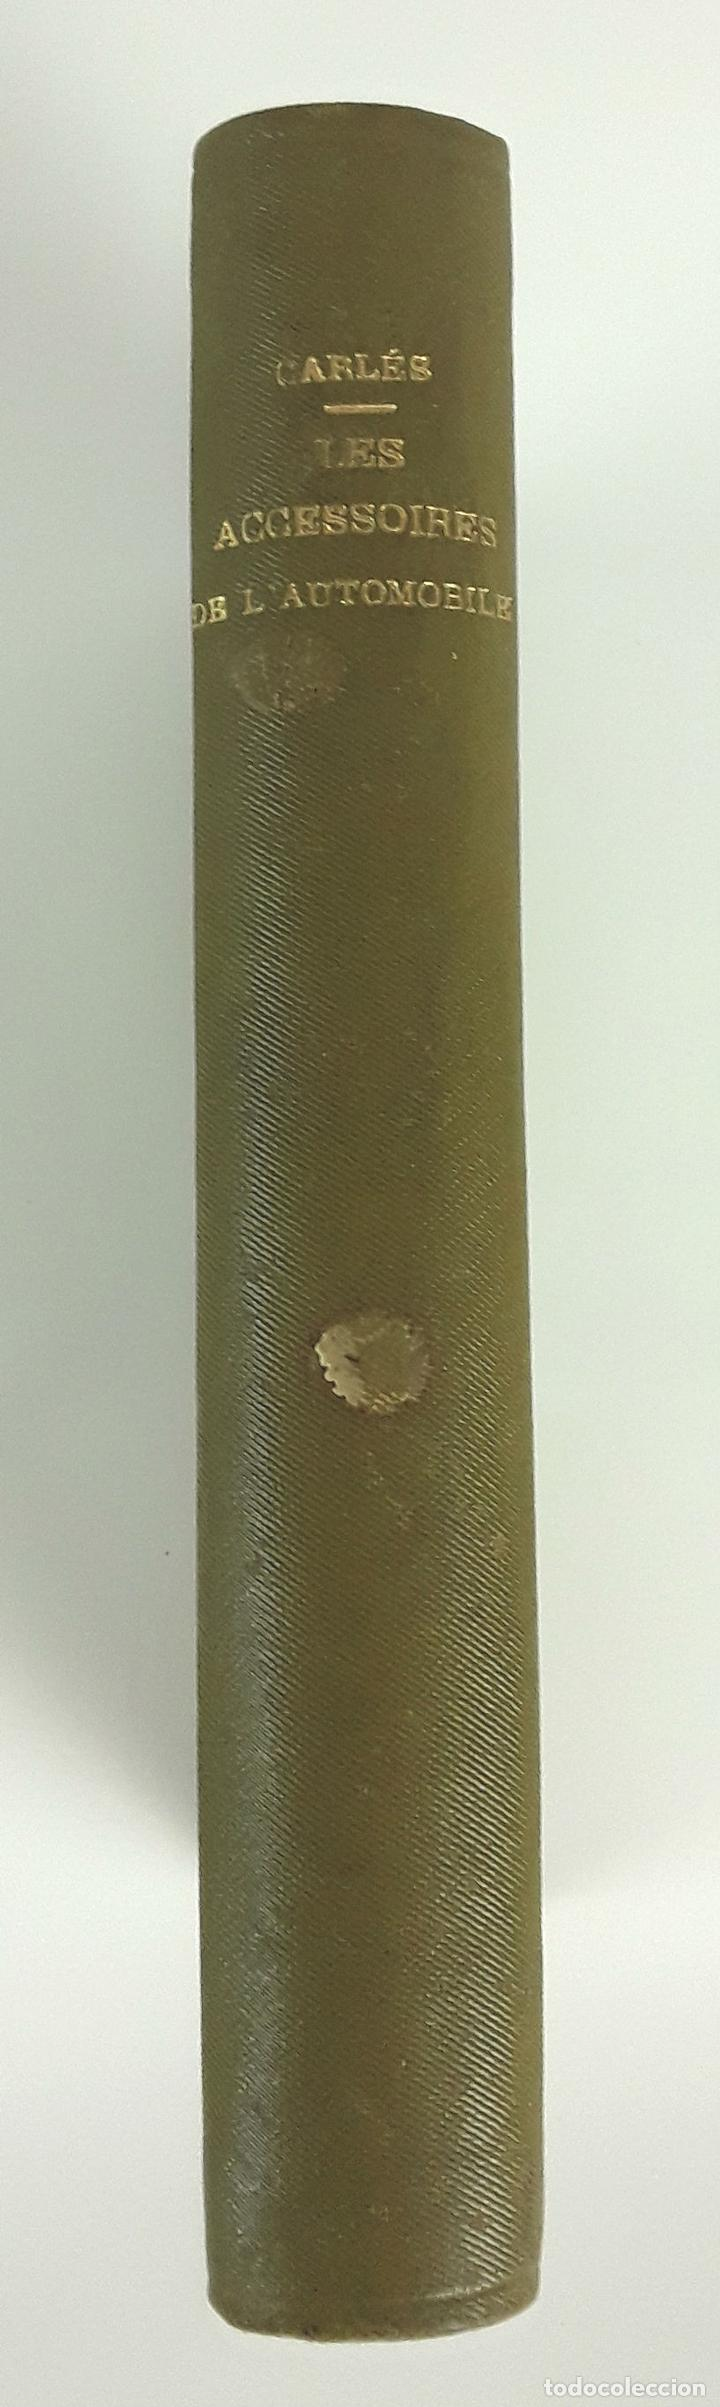 LES ACCESSOIRES DE L'AUTOMOBILE. F. CARLÈS. H. DUNOD ET E. PINAT ED. 1913. (Libros Antiguos, Raros y Curiosos - Ciencias, Manuales y Oficios - Física, Química y Matemáticas)